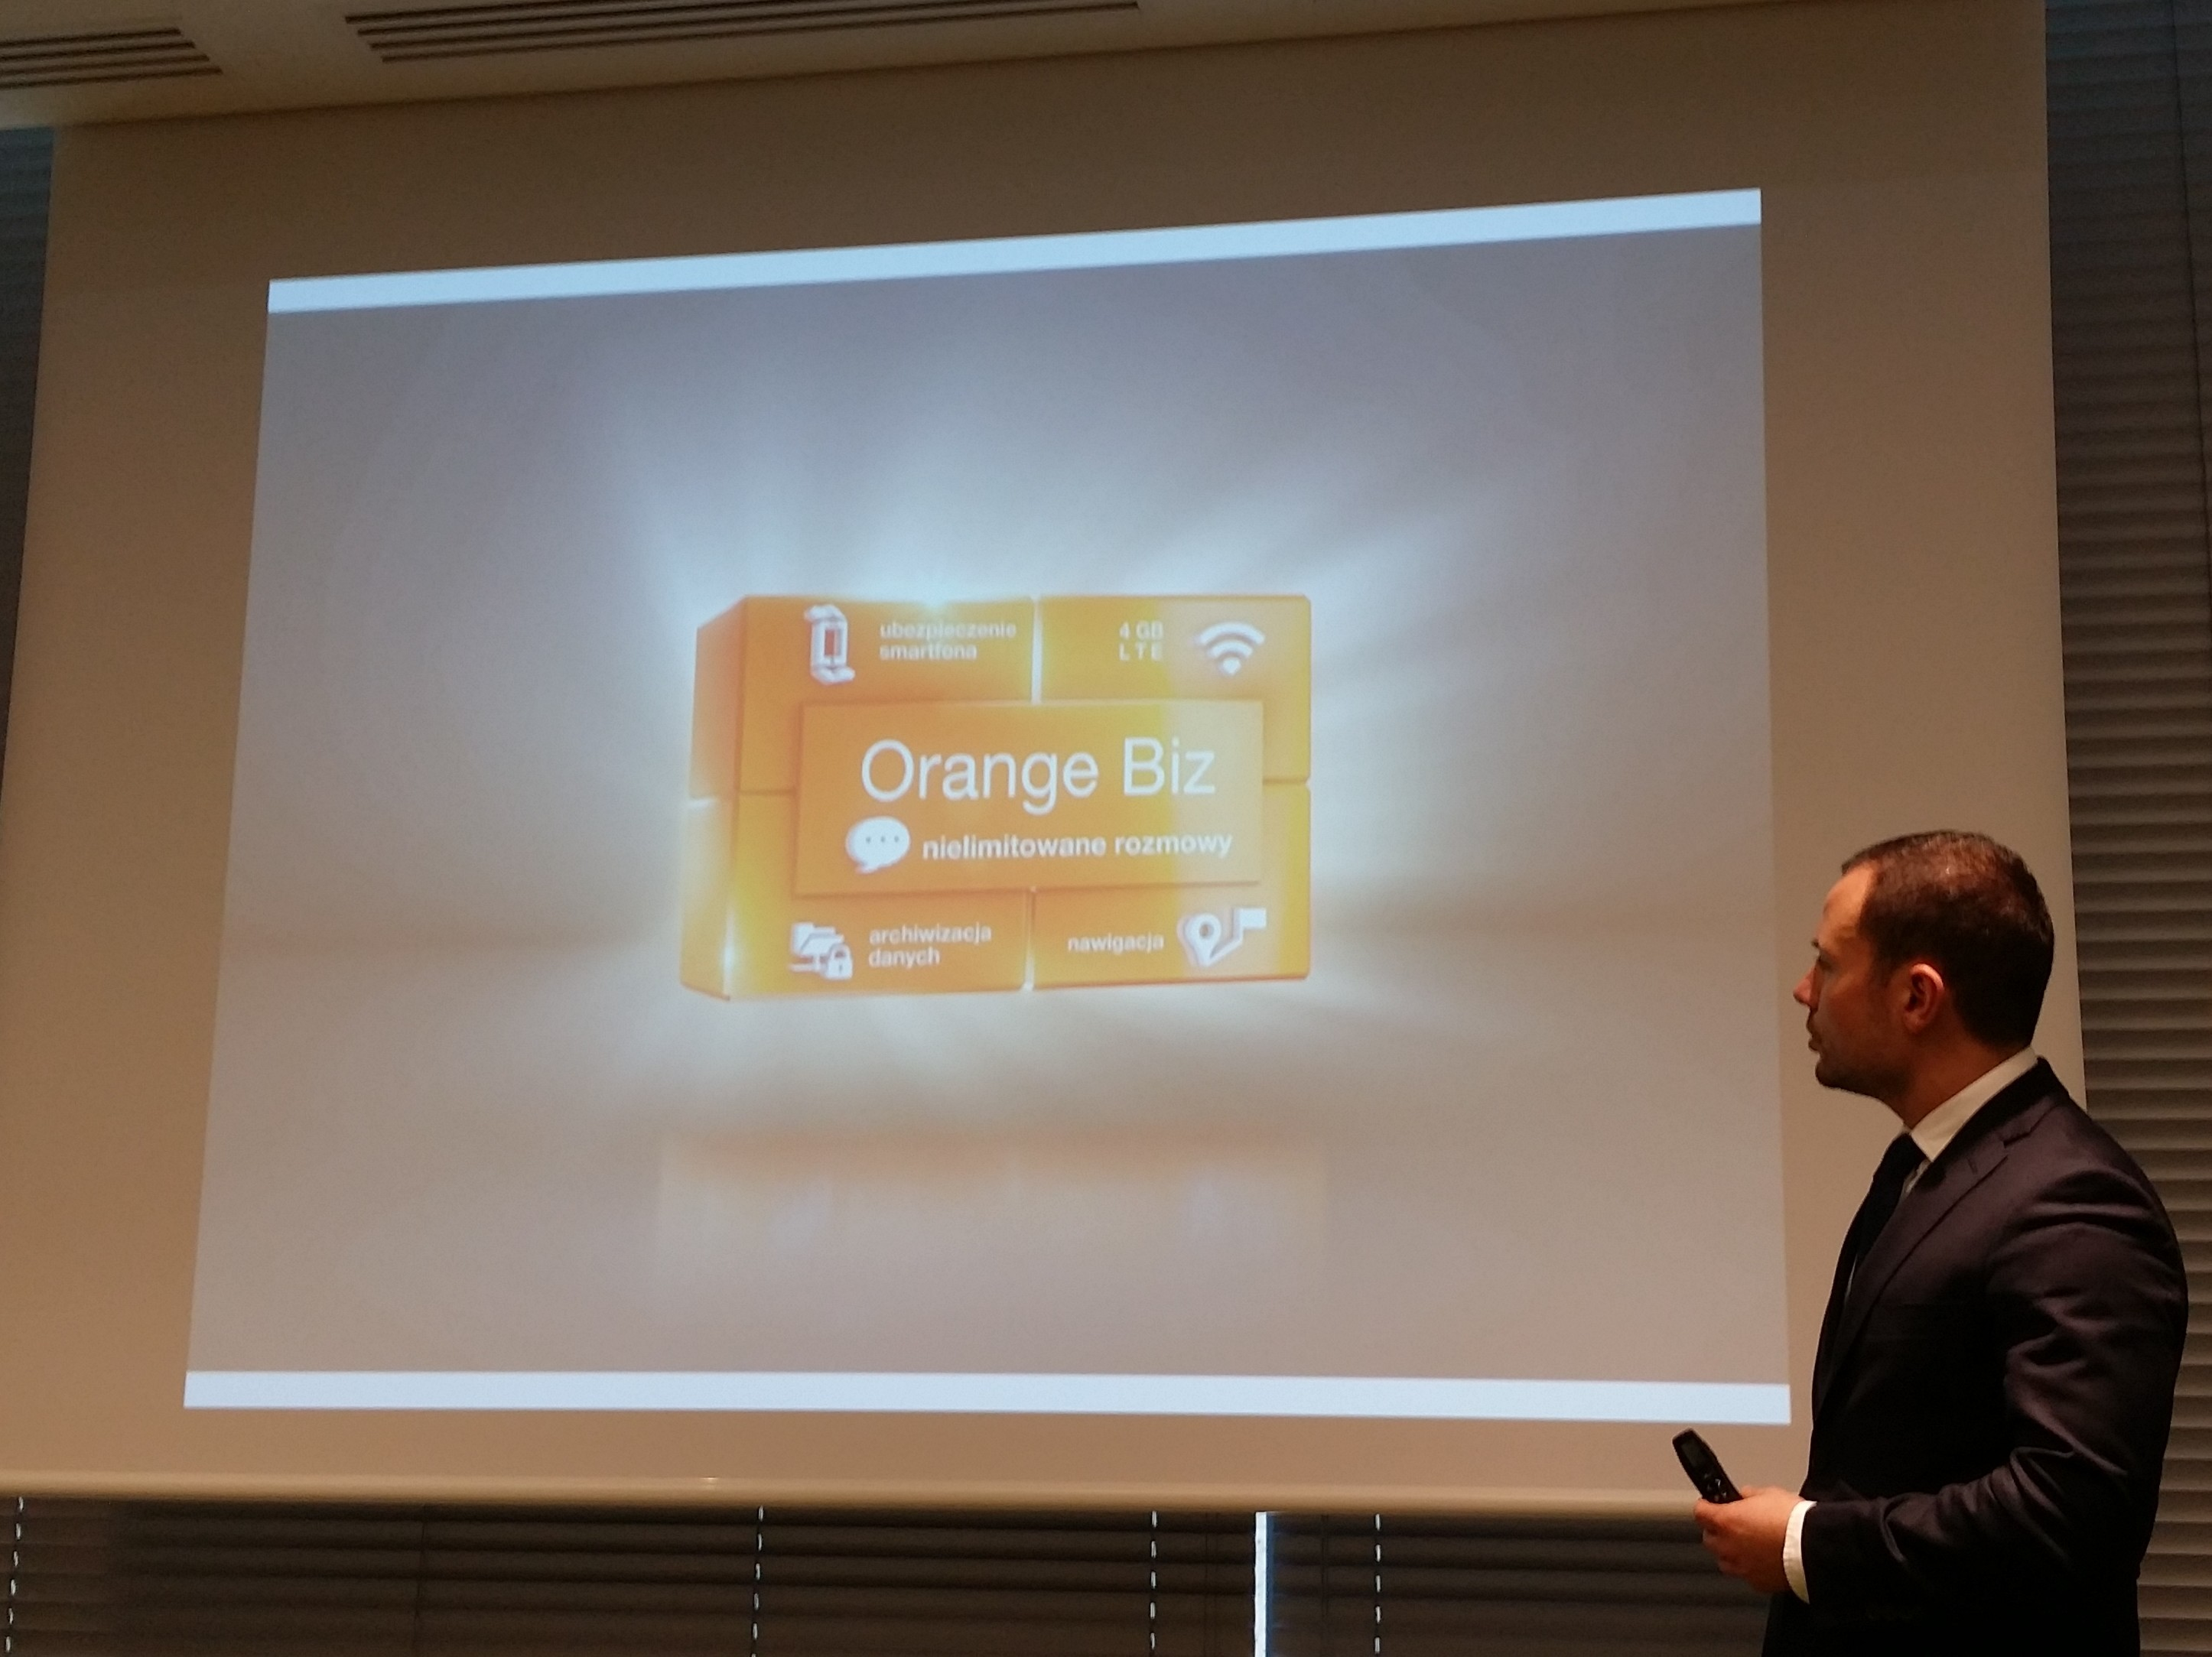 Nowe oferty Orange dla Firm pokazują, czym zaczęli walczyć operatorzy